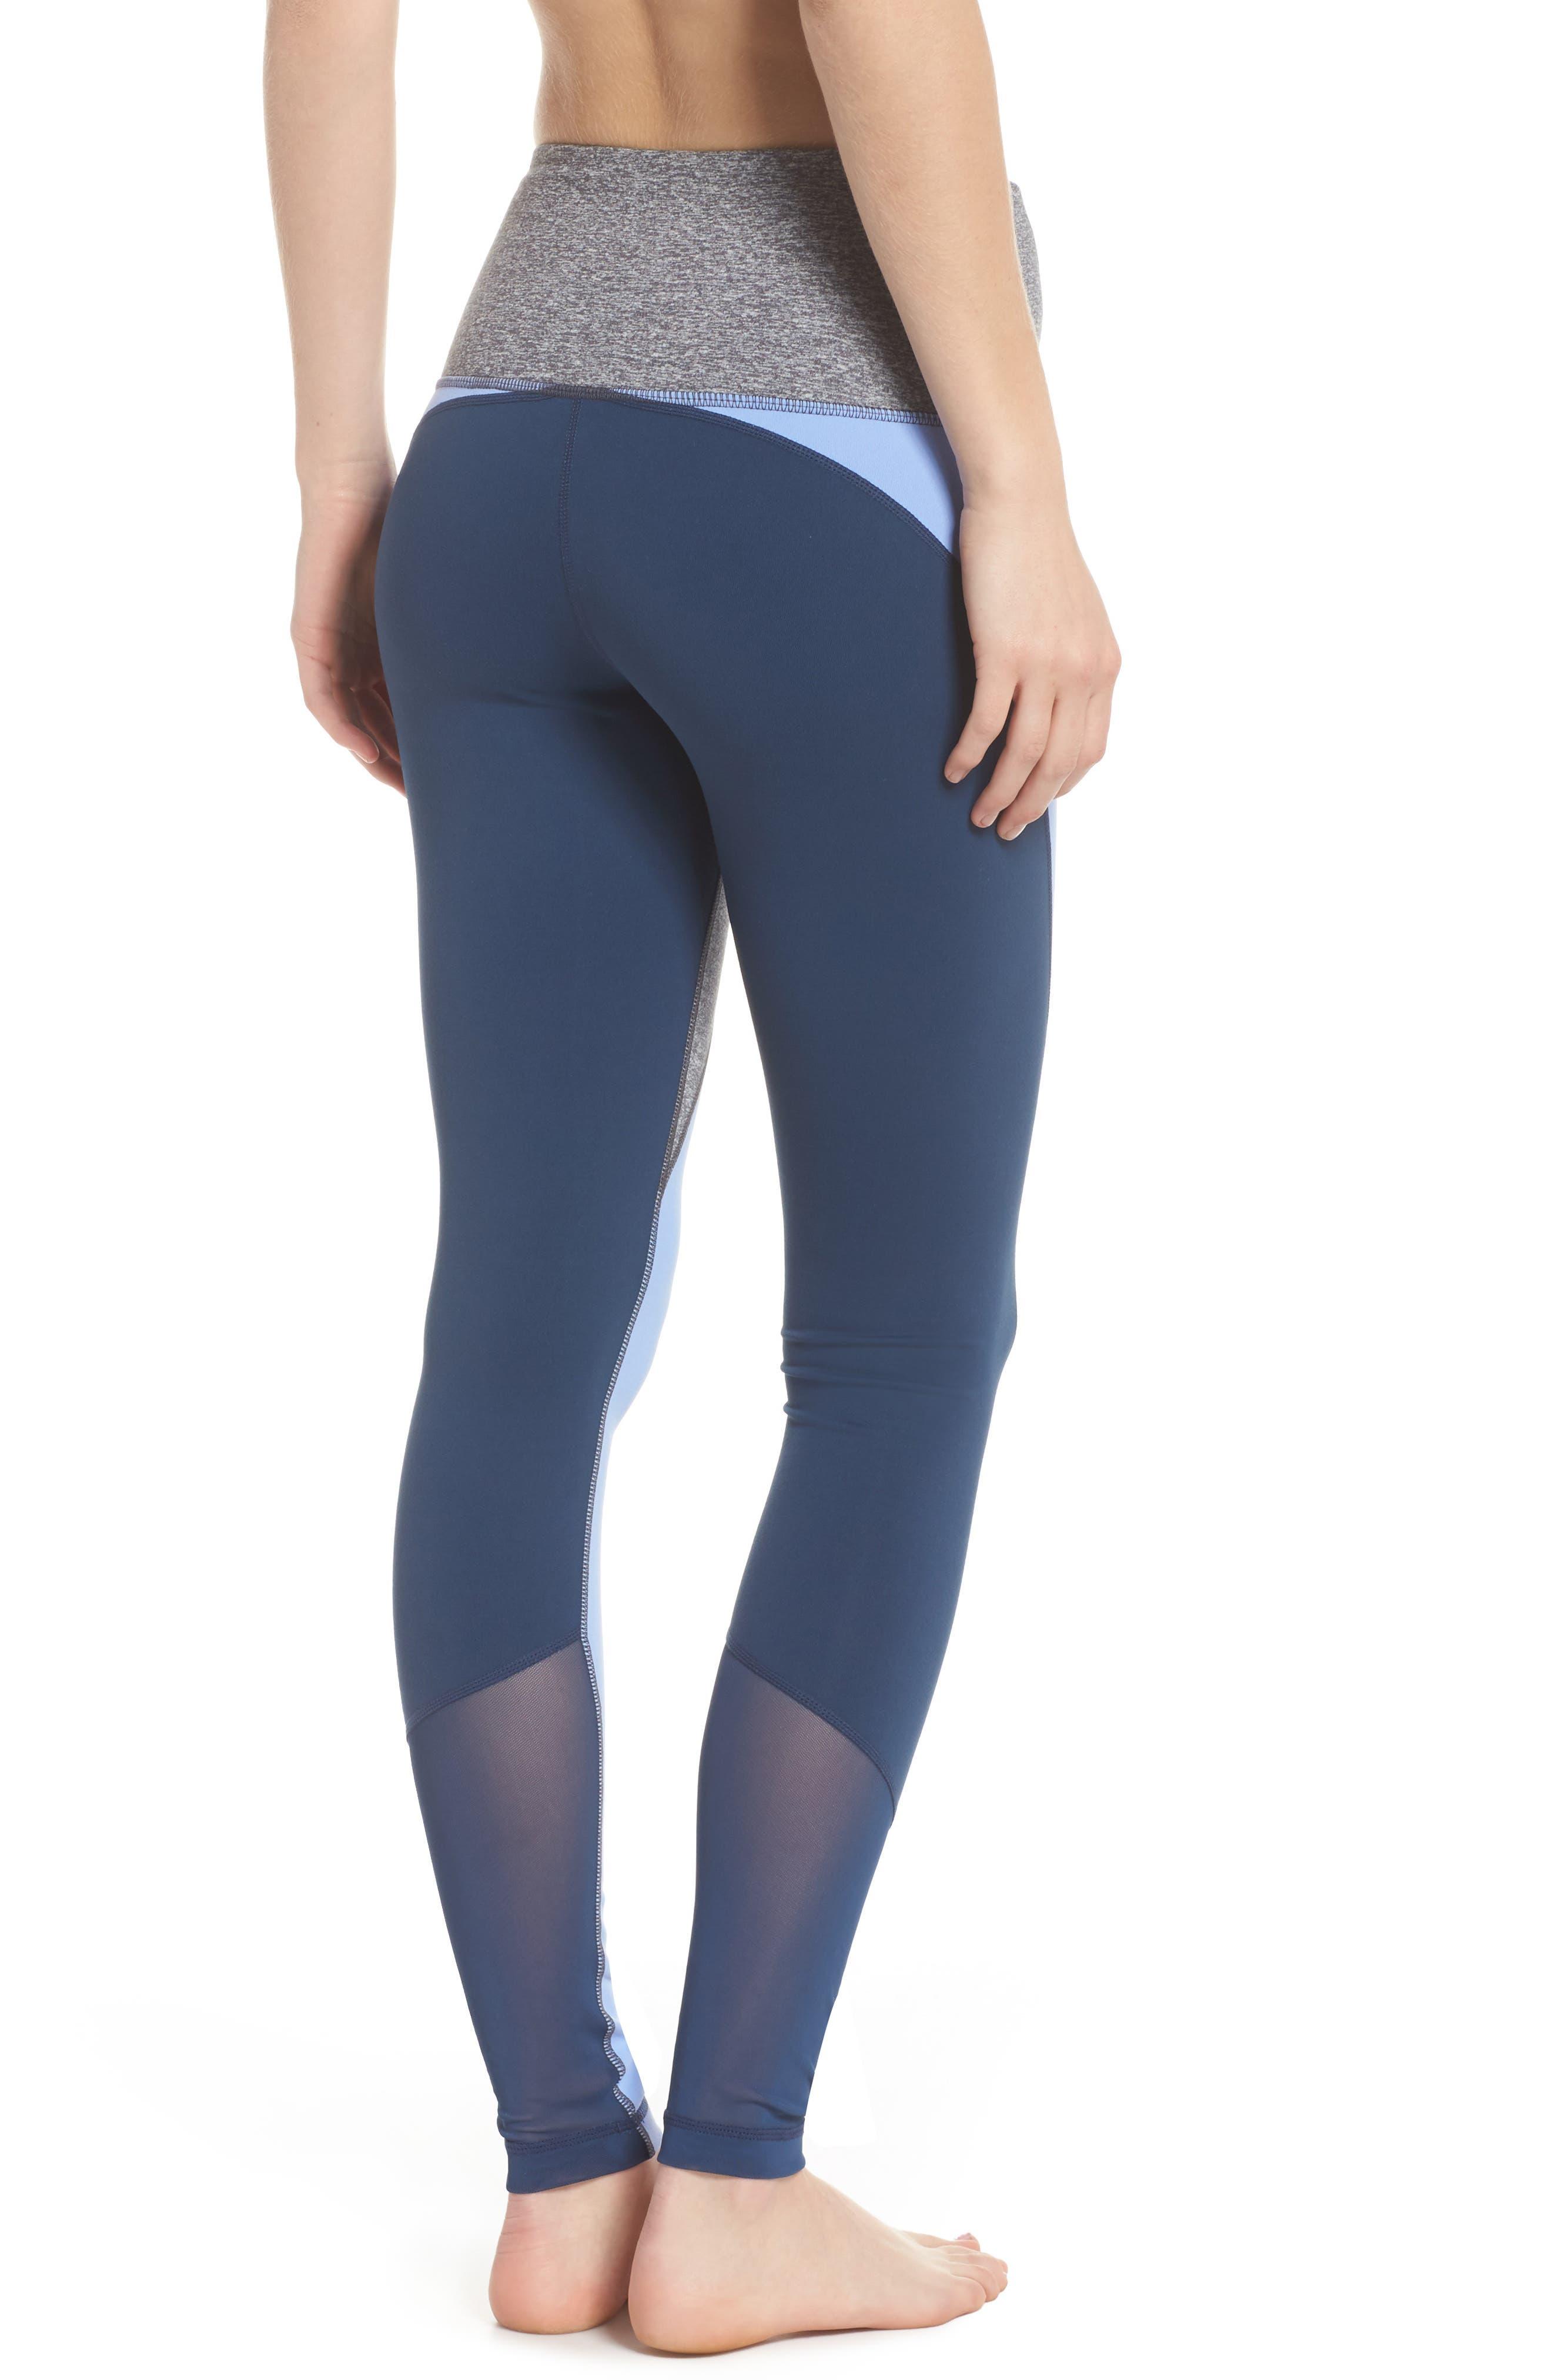 Get in Line High Waist Leggings,                             Alternate thumbnail 2, color,                             Grey Graphite Melange